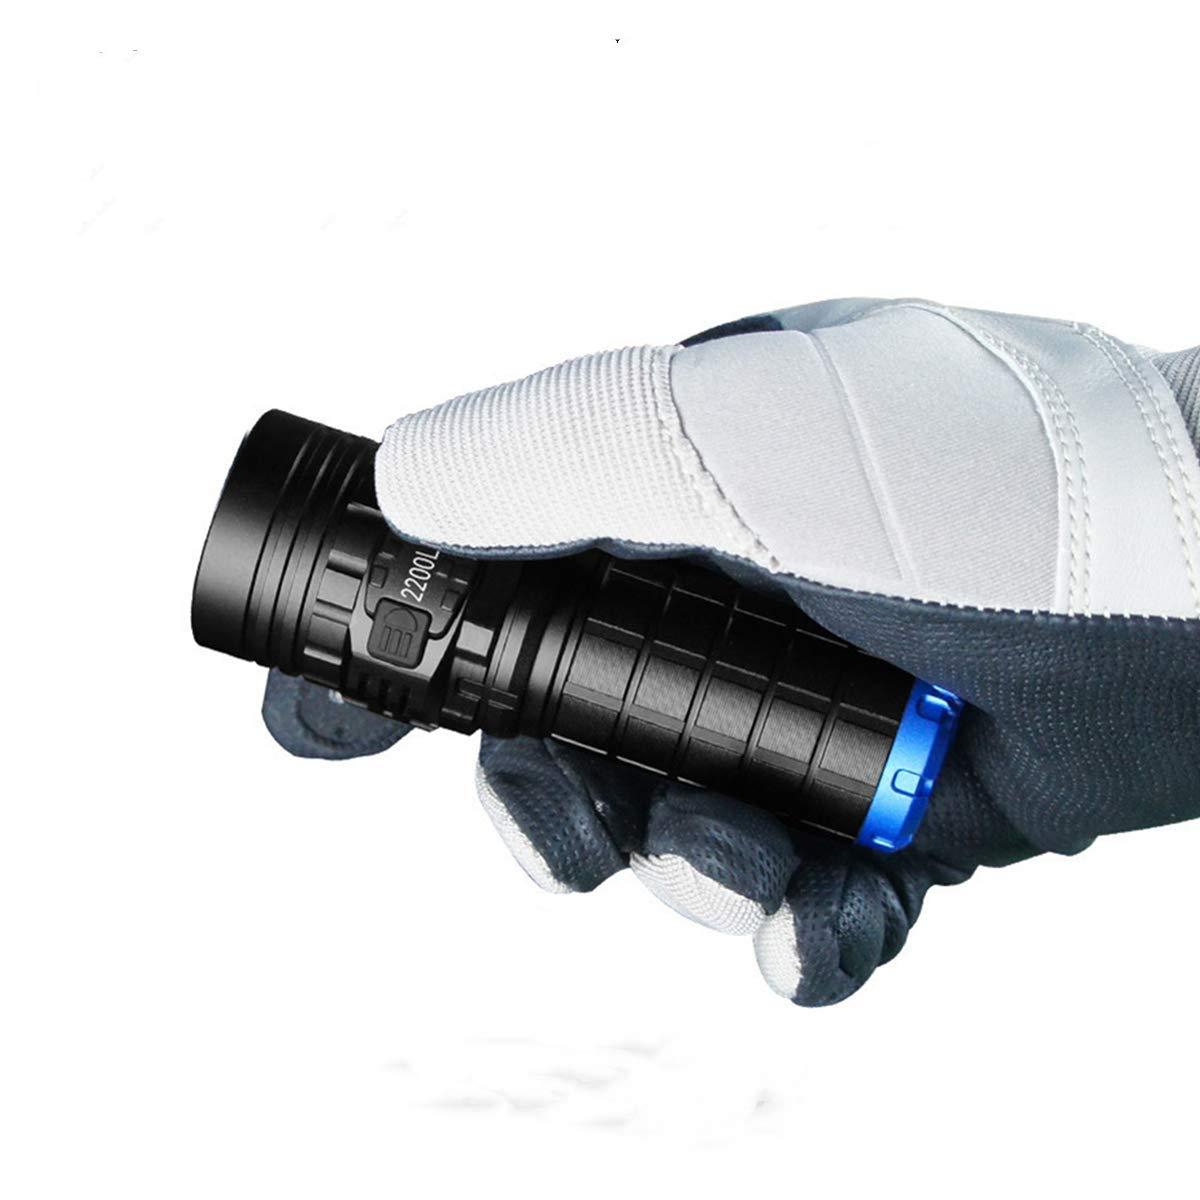 懐中電灯 IMALENT DN35 小型 ハンディライト 強力 爆光 フラッシュライト 最強輝度2200lm 連続点灯50時間 照射距離596m 4階段点灯+SOS/ビーコン 【5年間修理保証】 B07J53L89W